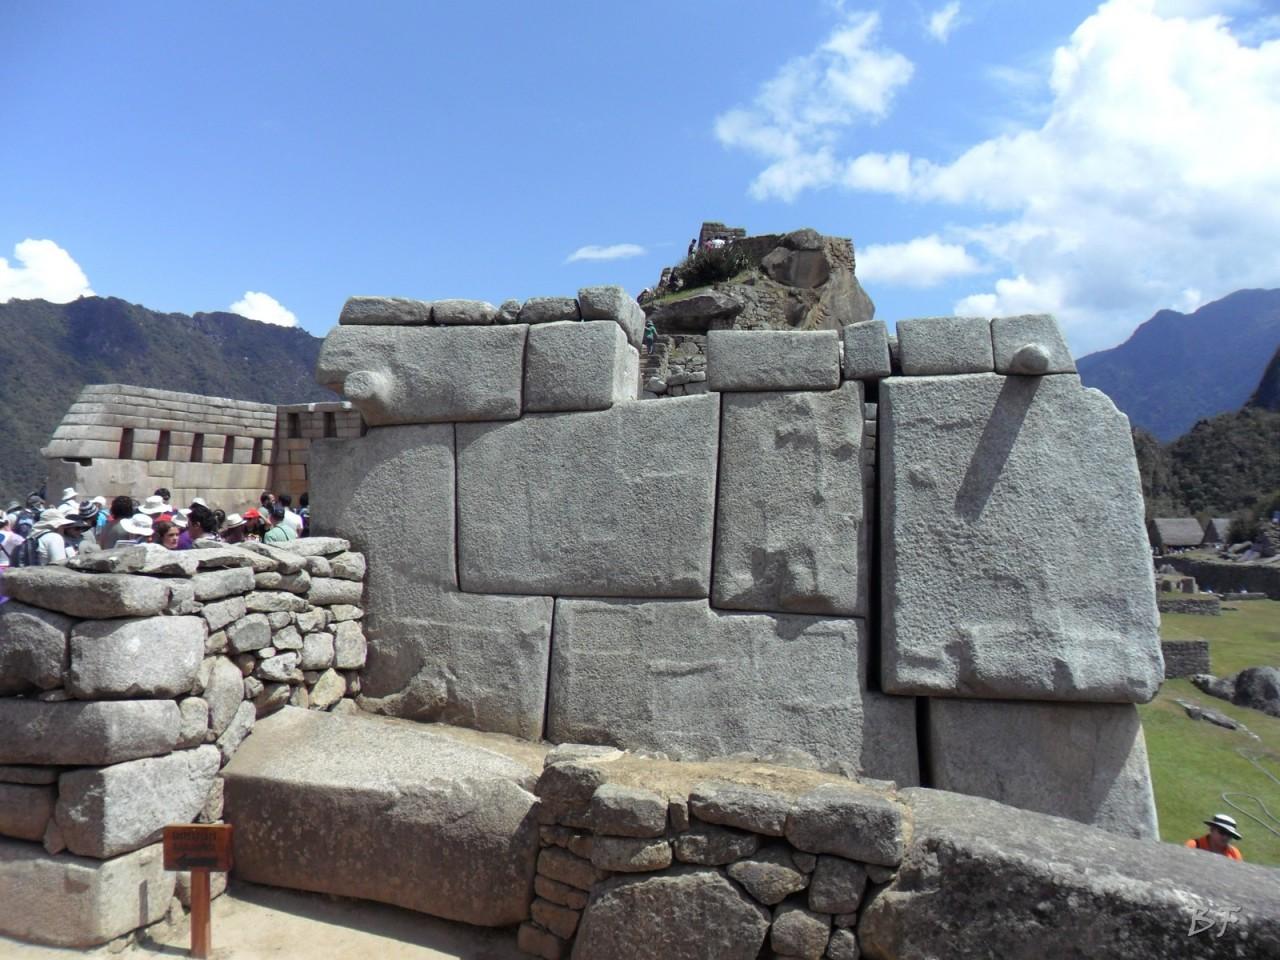 Mura-Poligonali-Incisioni-Altari-Edifici-Rupestri-Megaliti-Machu-Picchu-Aguas-Calientes-Urubamba-Cusco-Perù-62